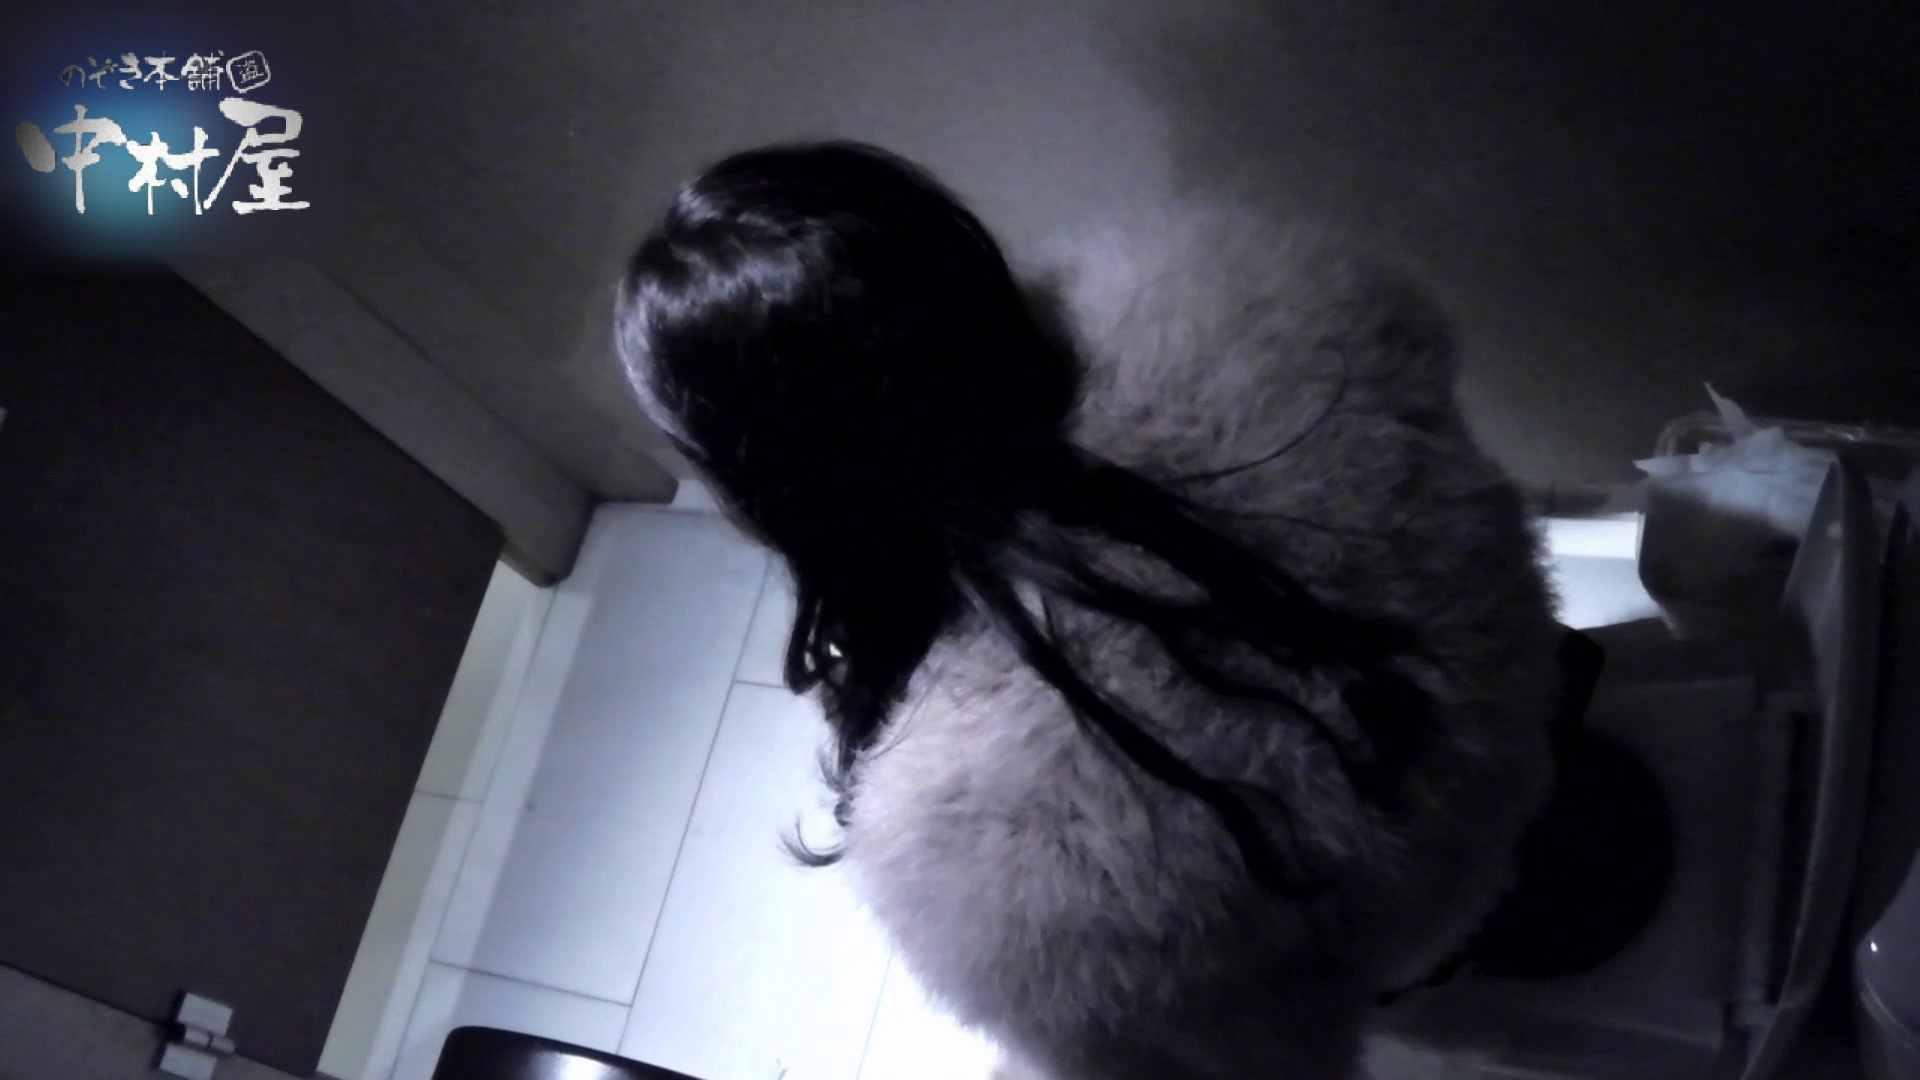 乙女集まる!ショッピングモール潜入撮vol.11 潜入突撃 おめこ無修正動画無料 78pic 51